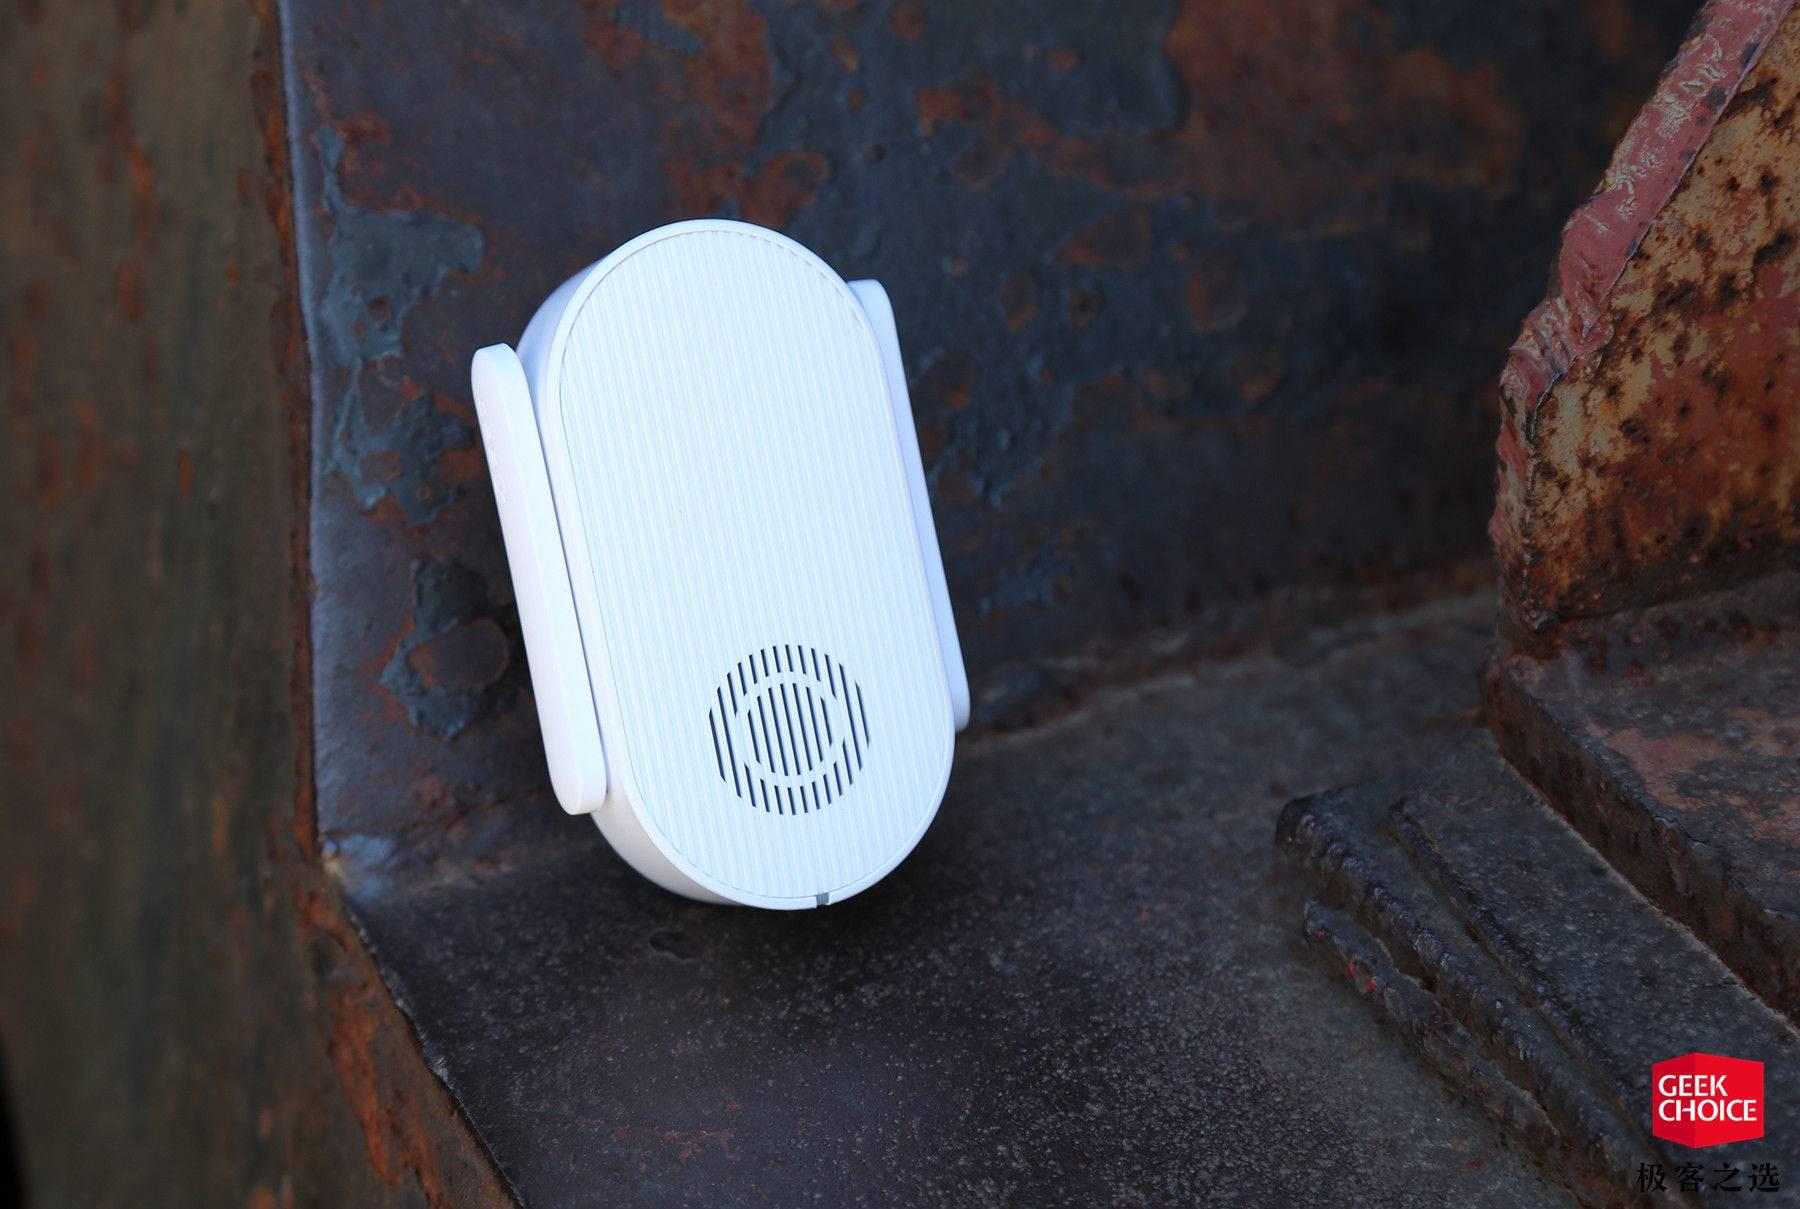 这个能面部识别远程报警的门铃,可以让你安心出门